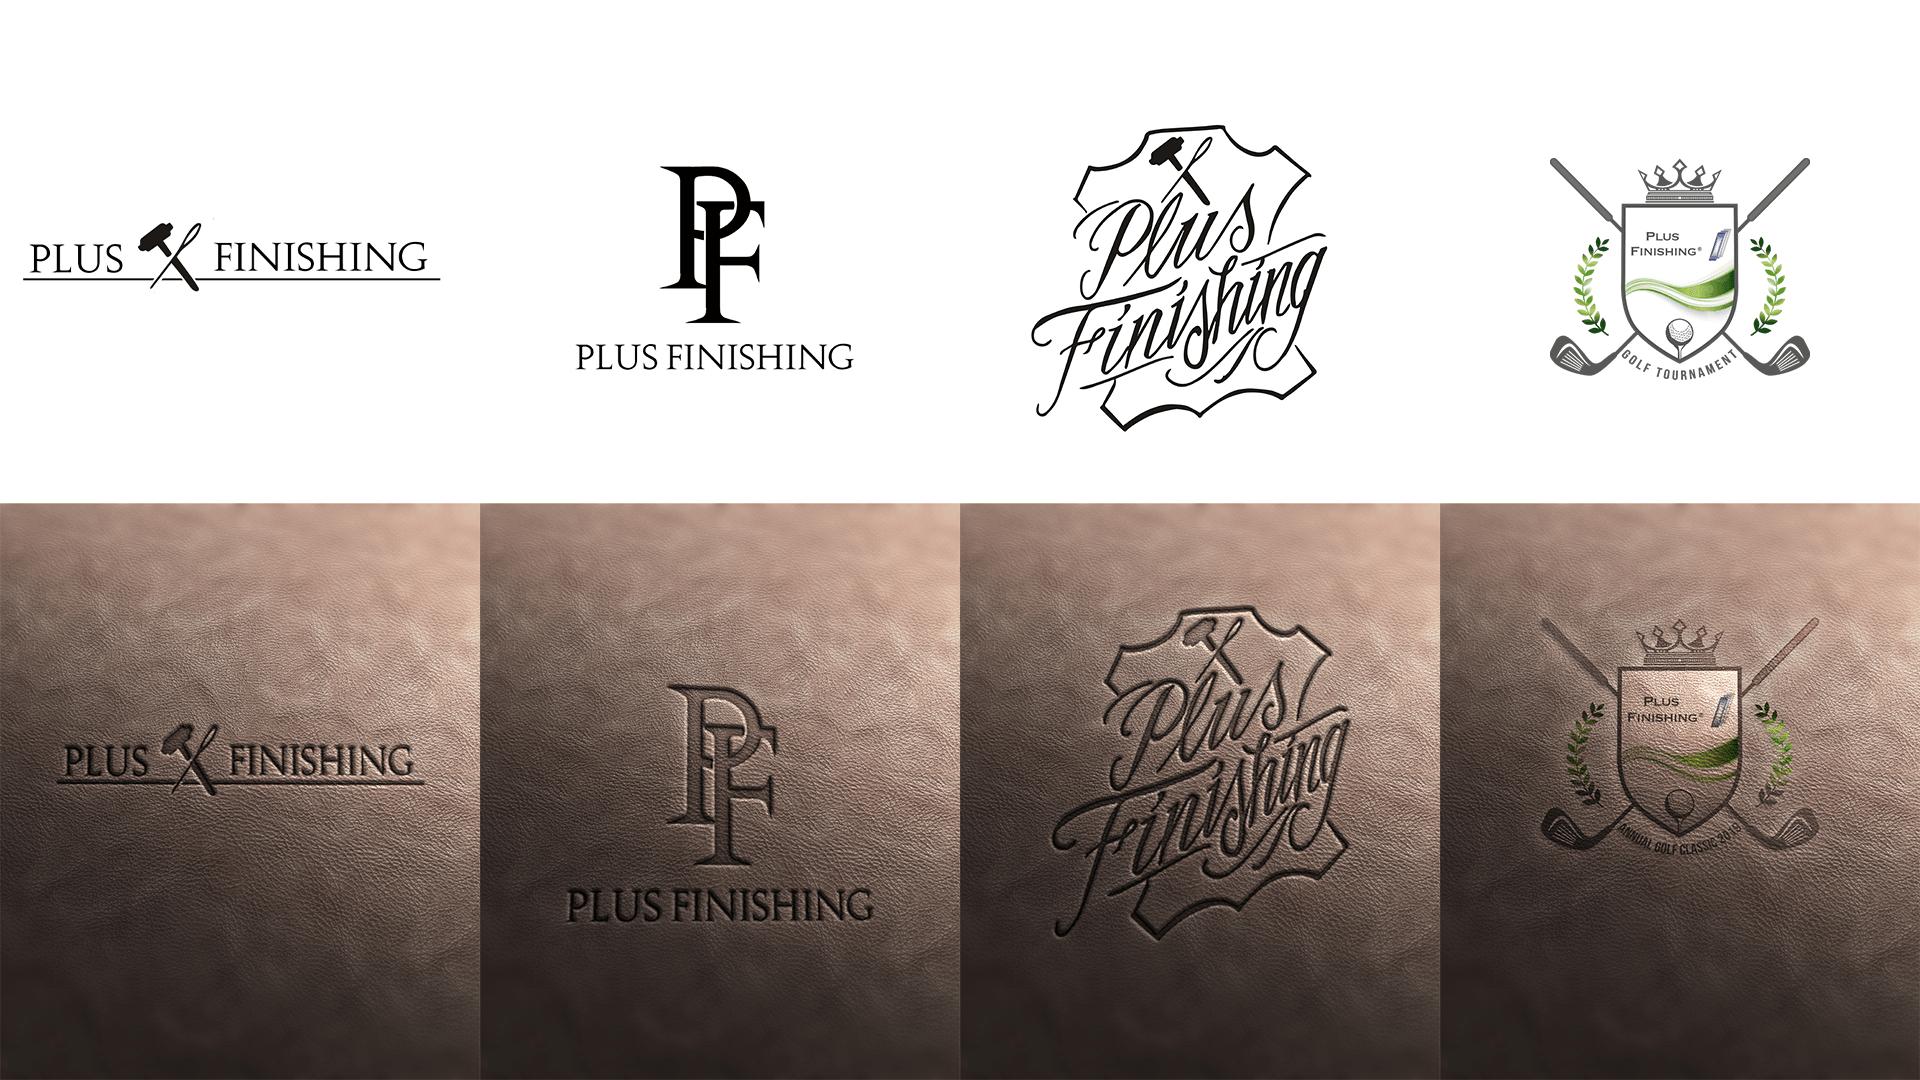 Plus Finishing Logo Redesign, dass thematisch auf einen Lederuntergrund gesetzt wurde.